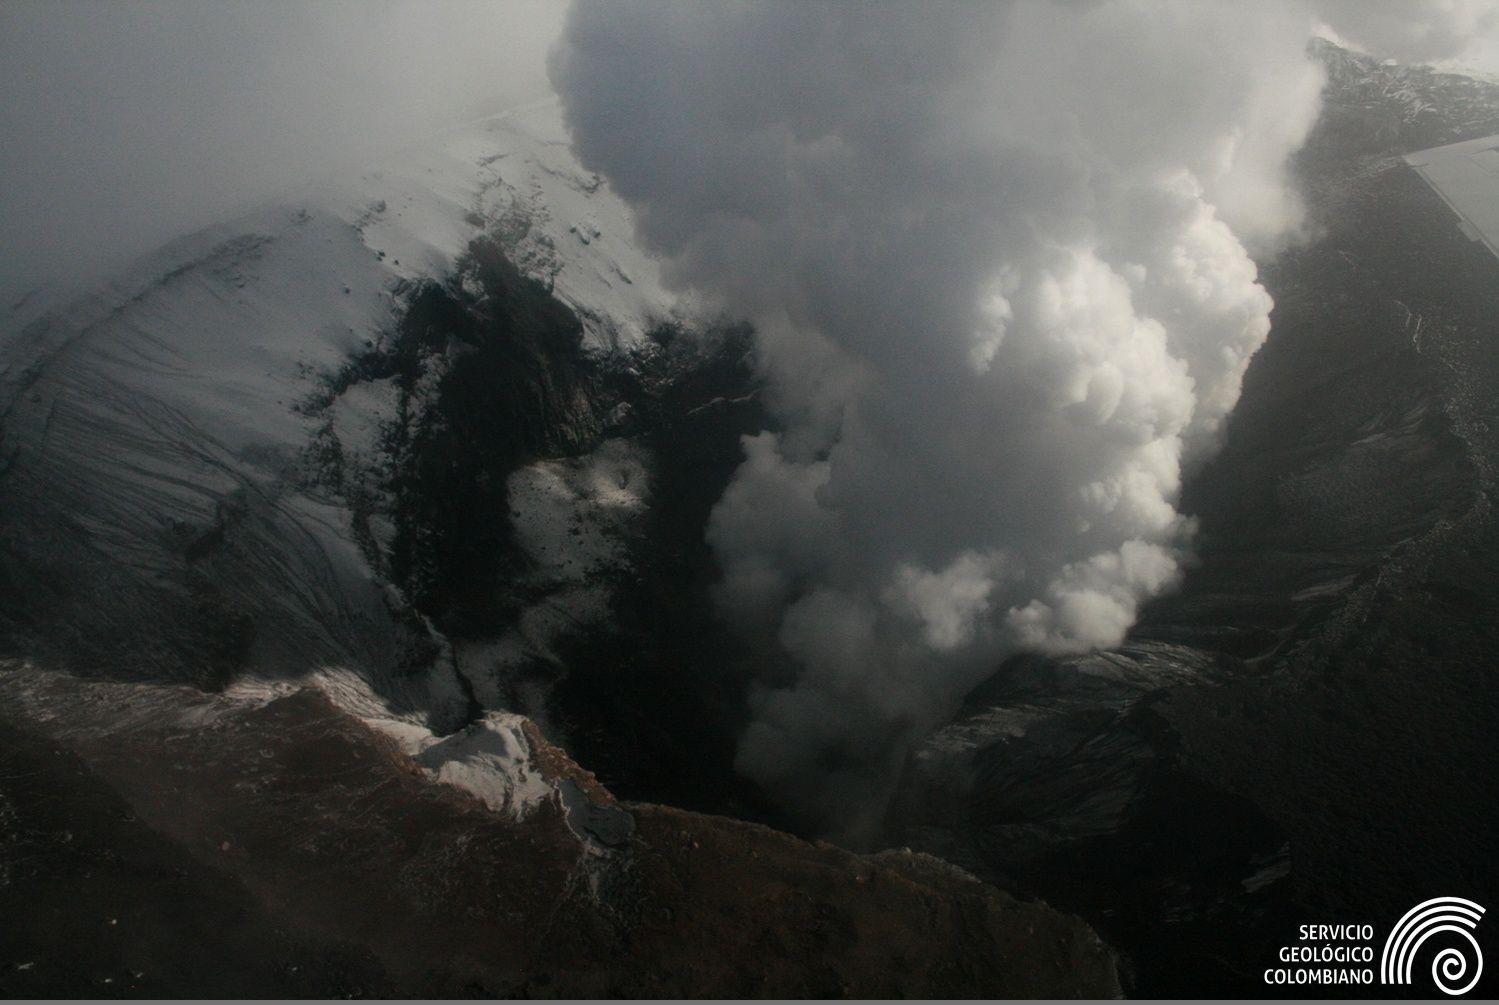 Nevado del Ruiz - panache de vapeur lors du dernier survol le 19.11.2015 - photo Ingeominas